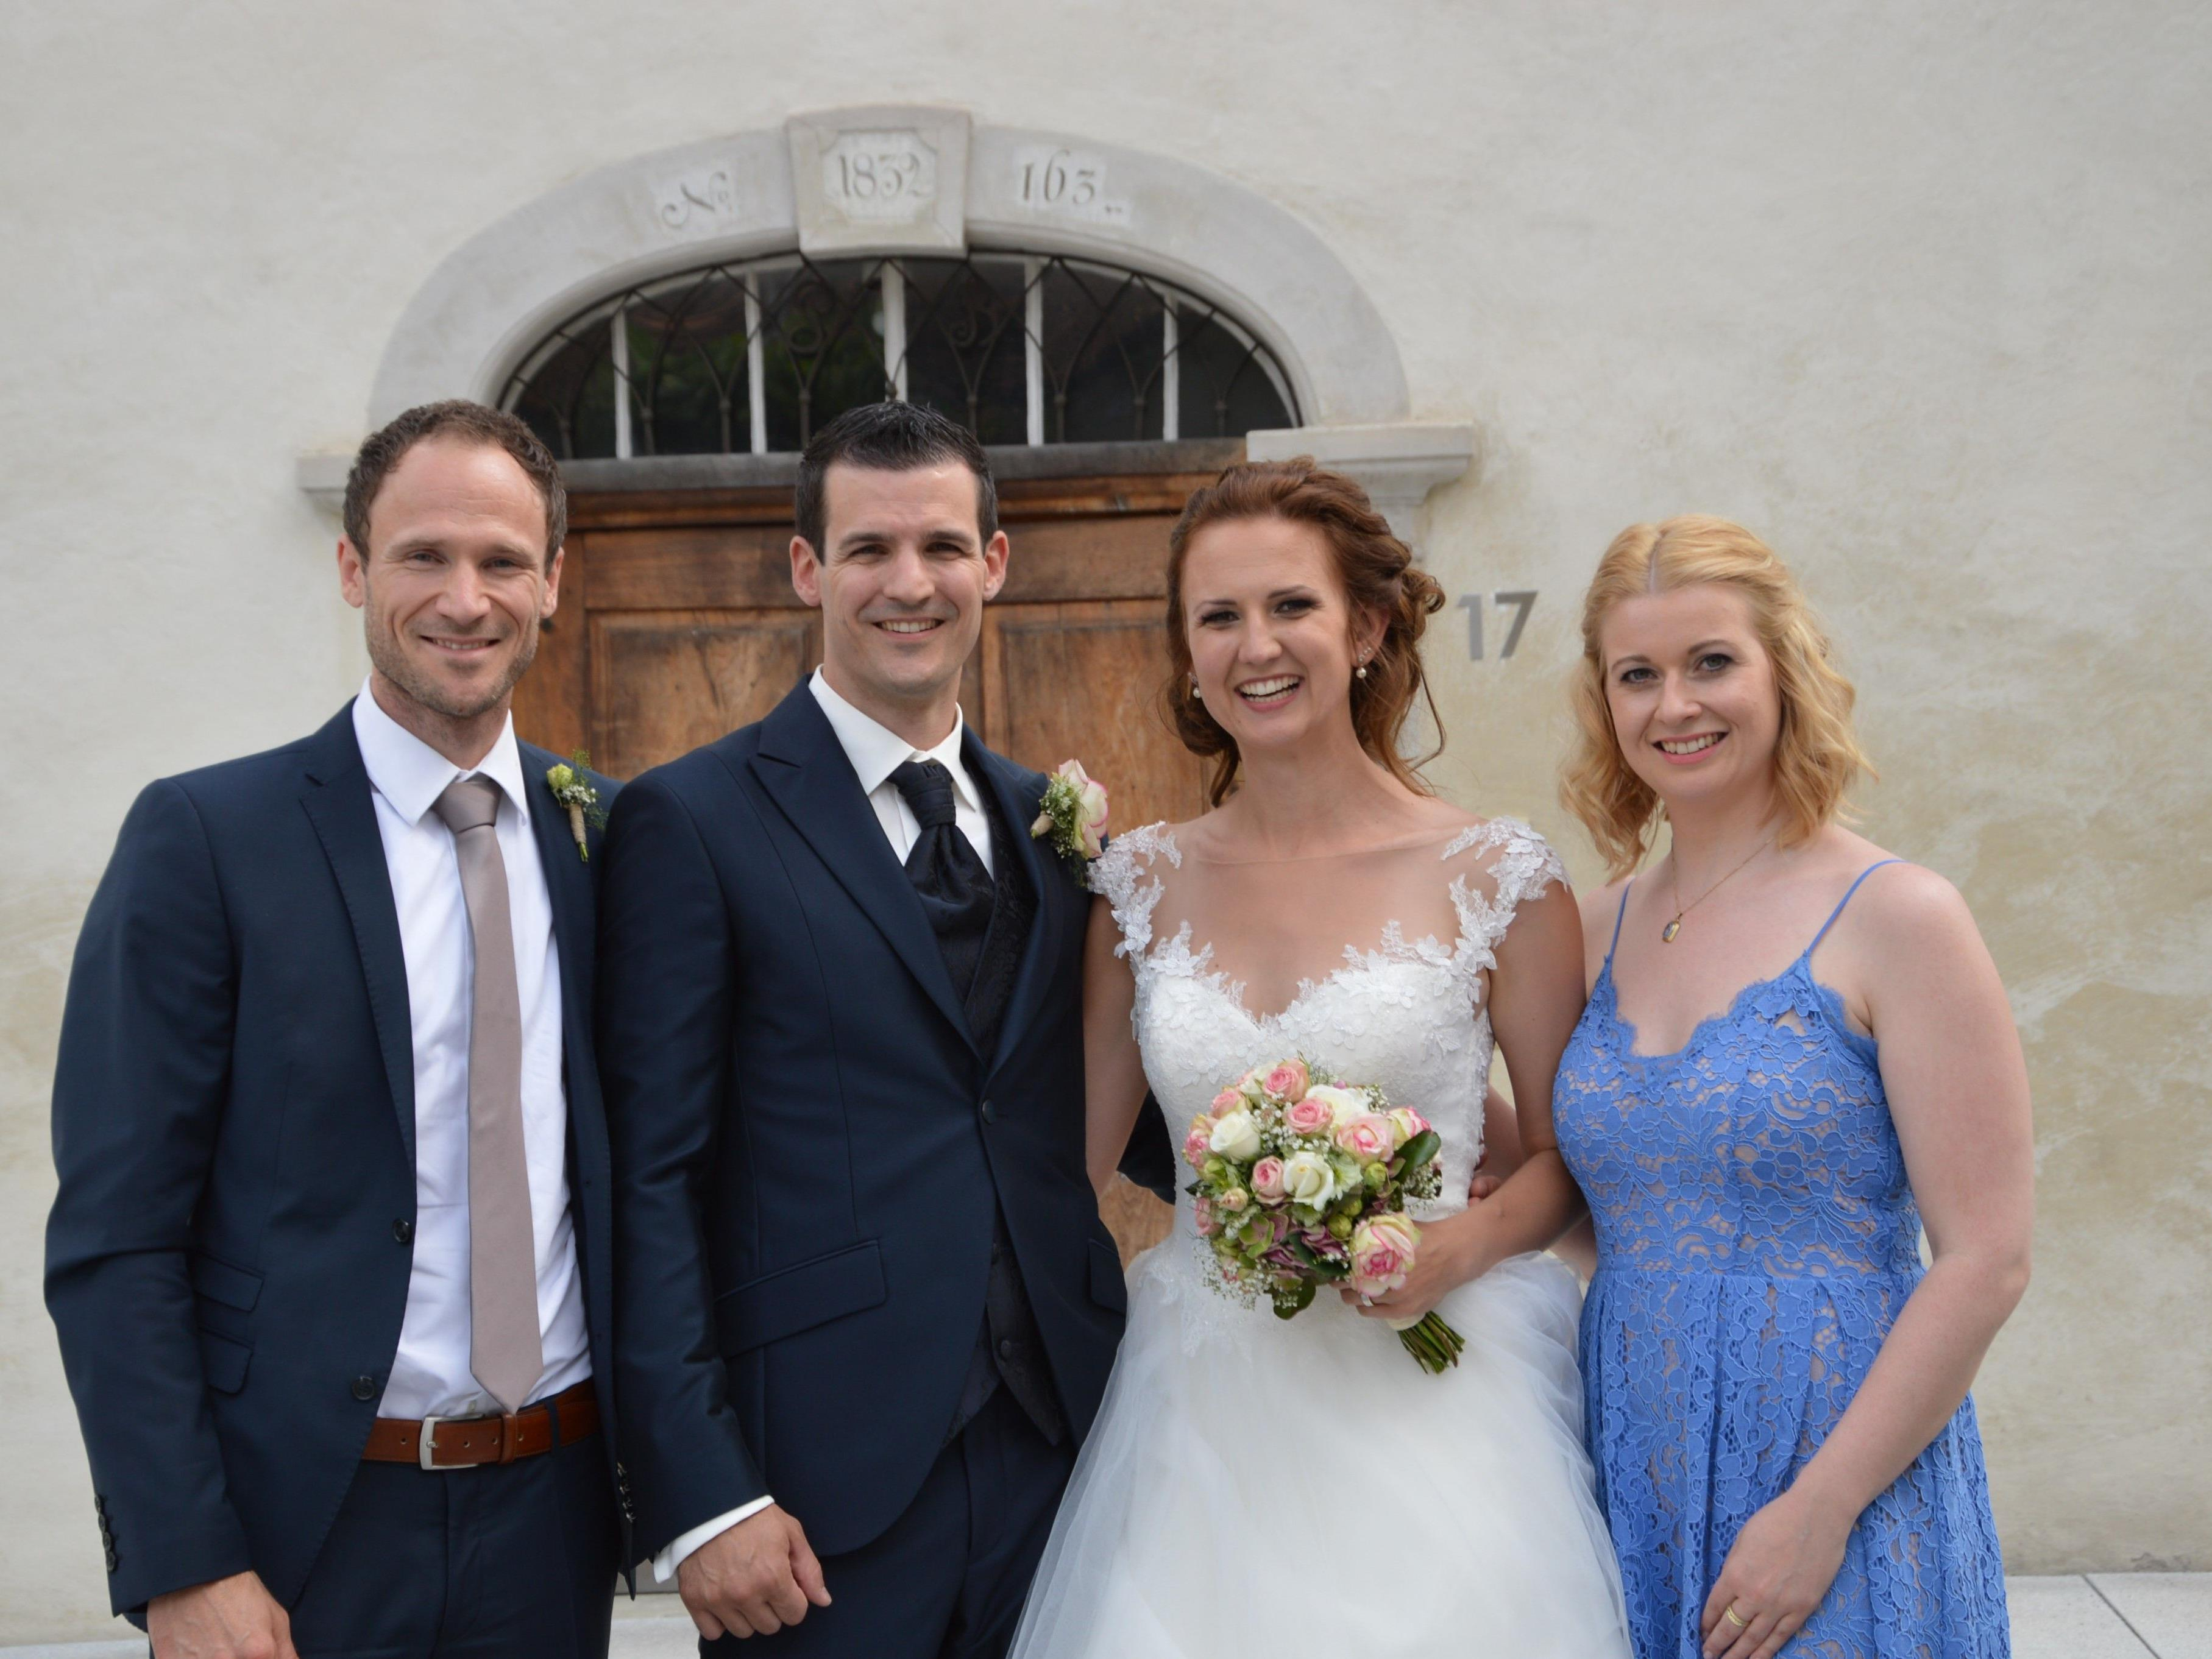 Hochzeit von Judith Bertignoll und Klaus Hanspeter - Dornbirn   VOL.AT